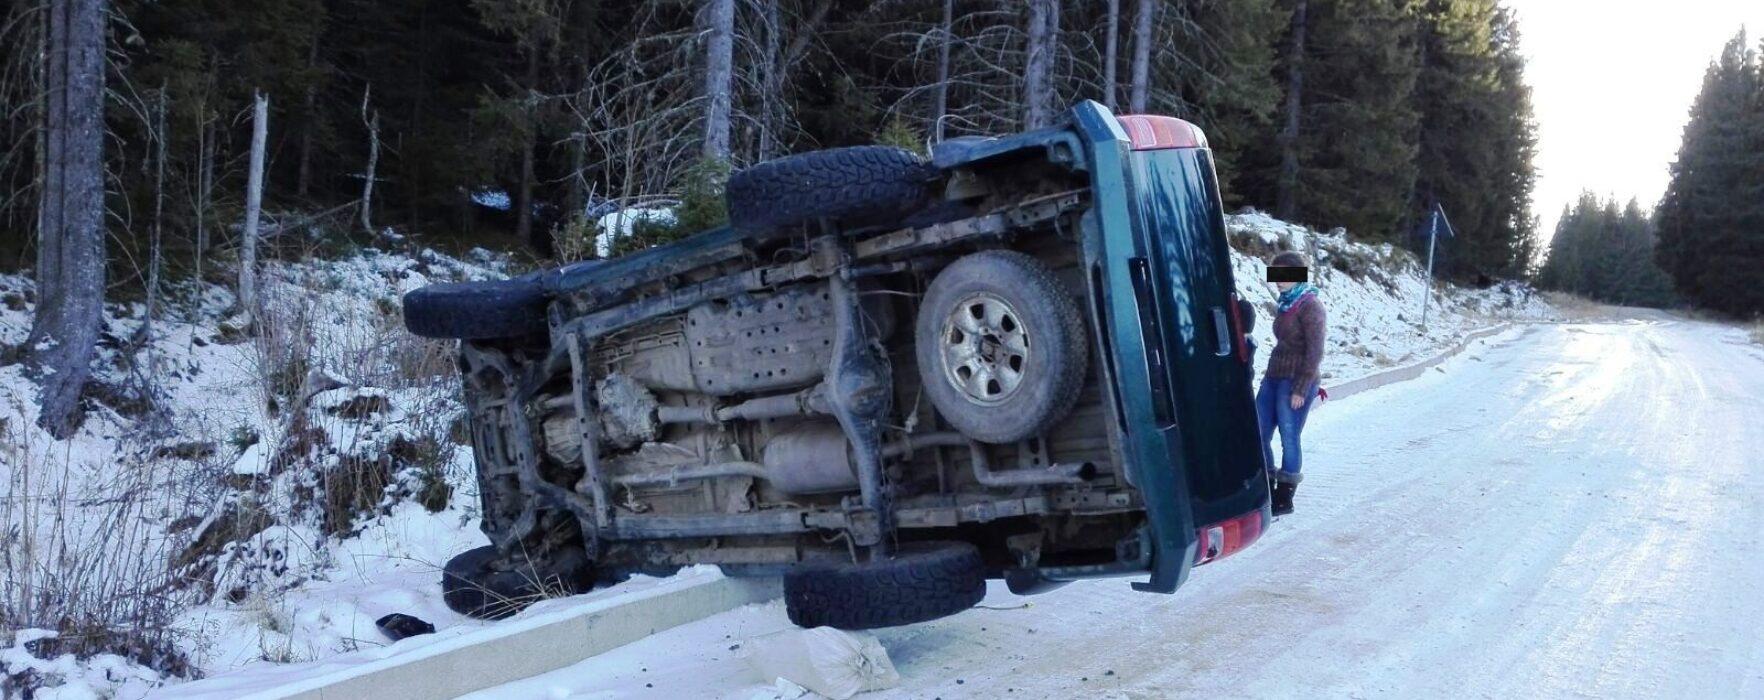 Dâmboviţa: Maşină răsturnată pe drumul din munte, în zona Padina, din cauza poleiului